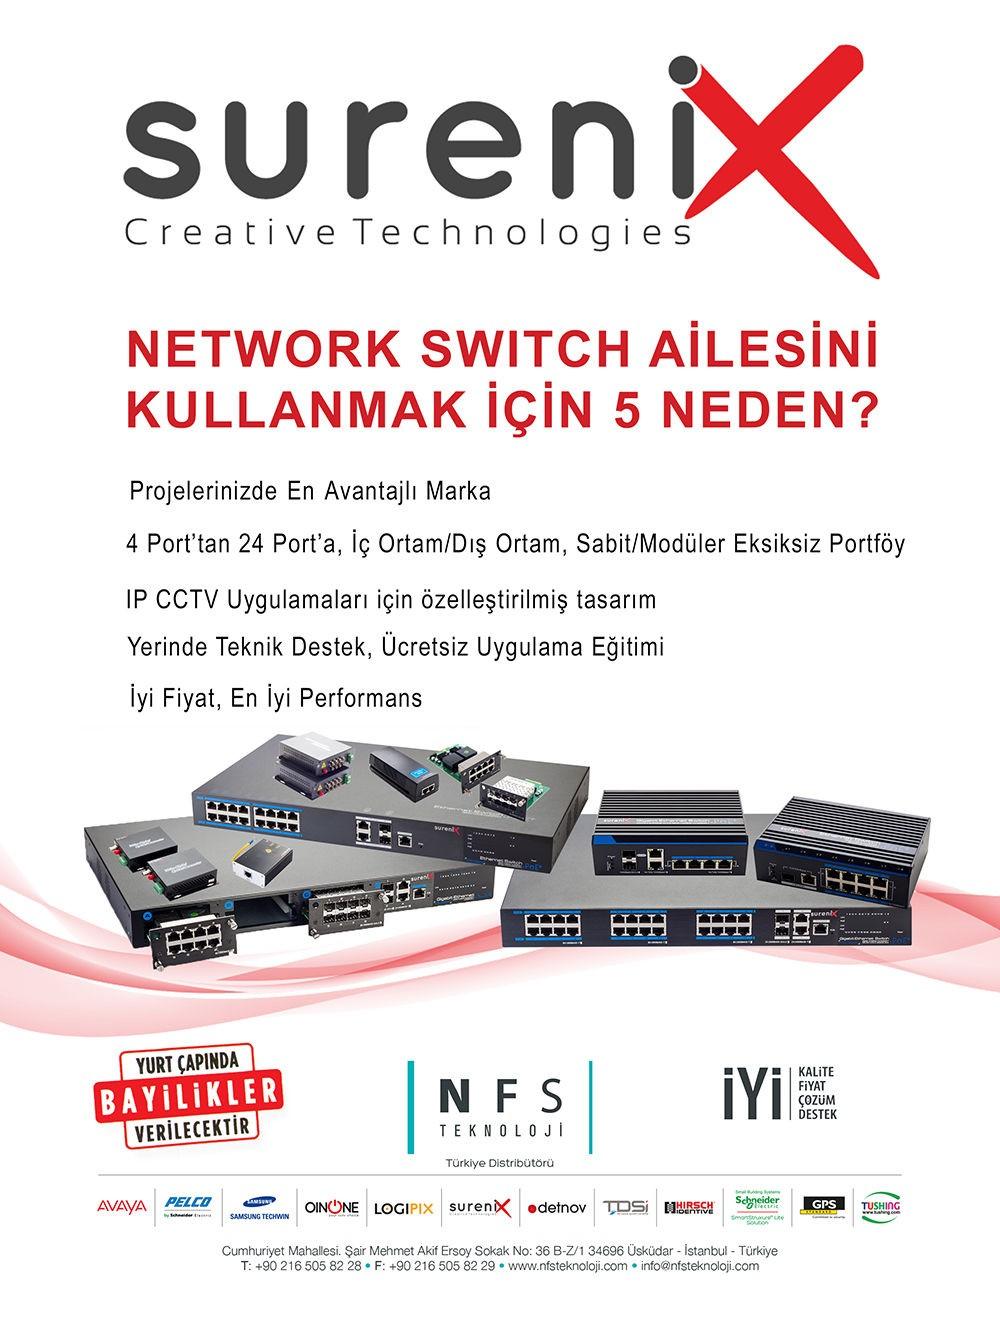 SURENIX NETWORK SWITCH AİLESİNİ KULLANMAK İÇİN 5 NEDEN?